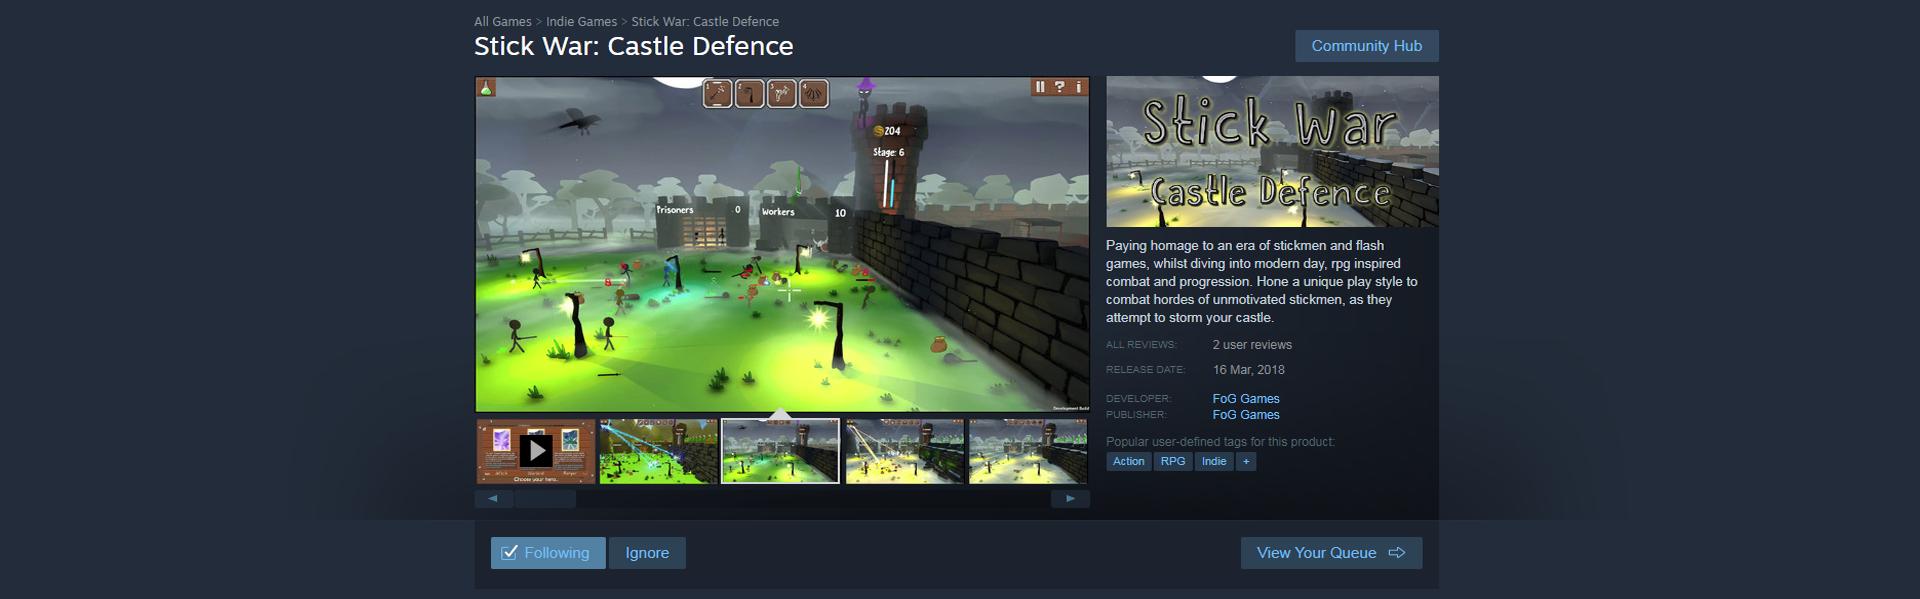 Stick War: Castle Defence